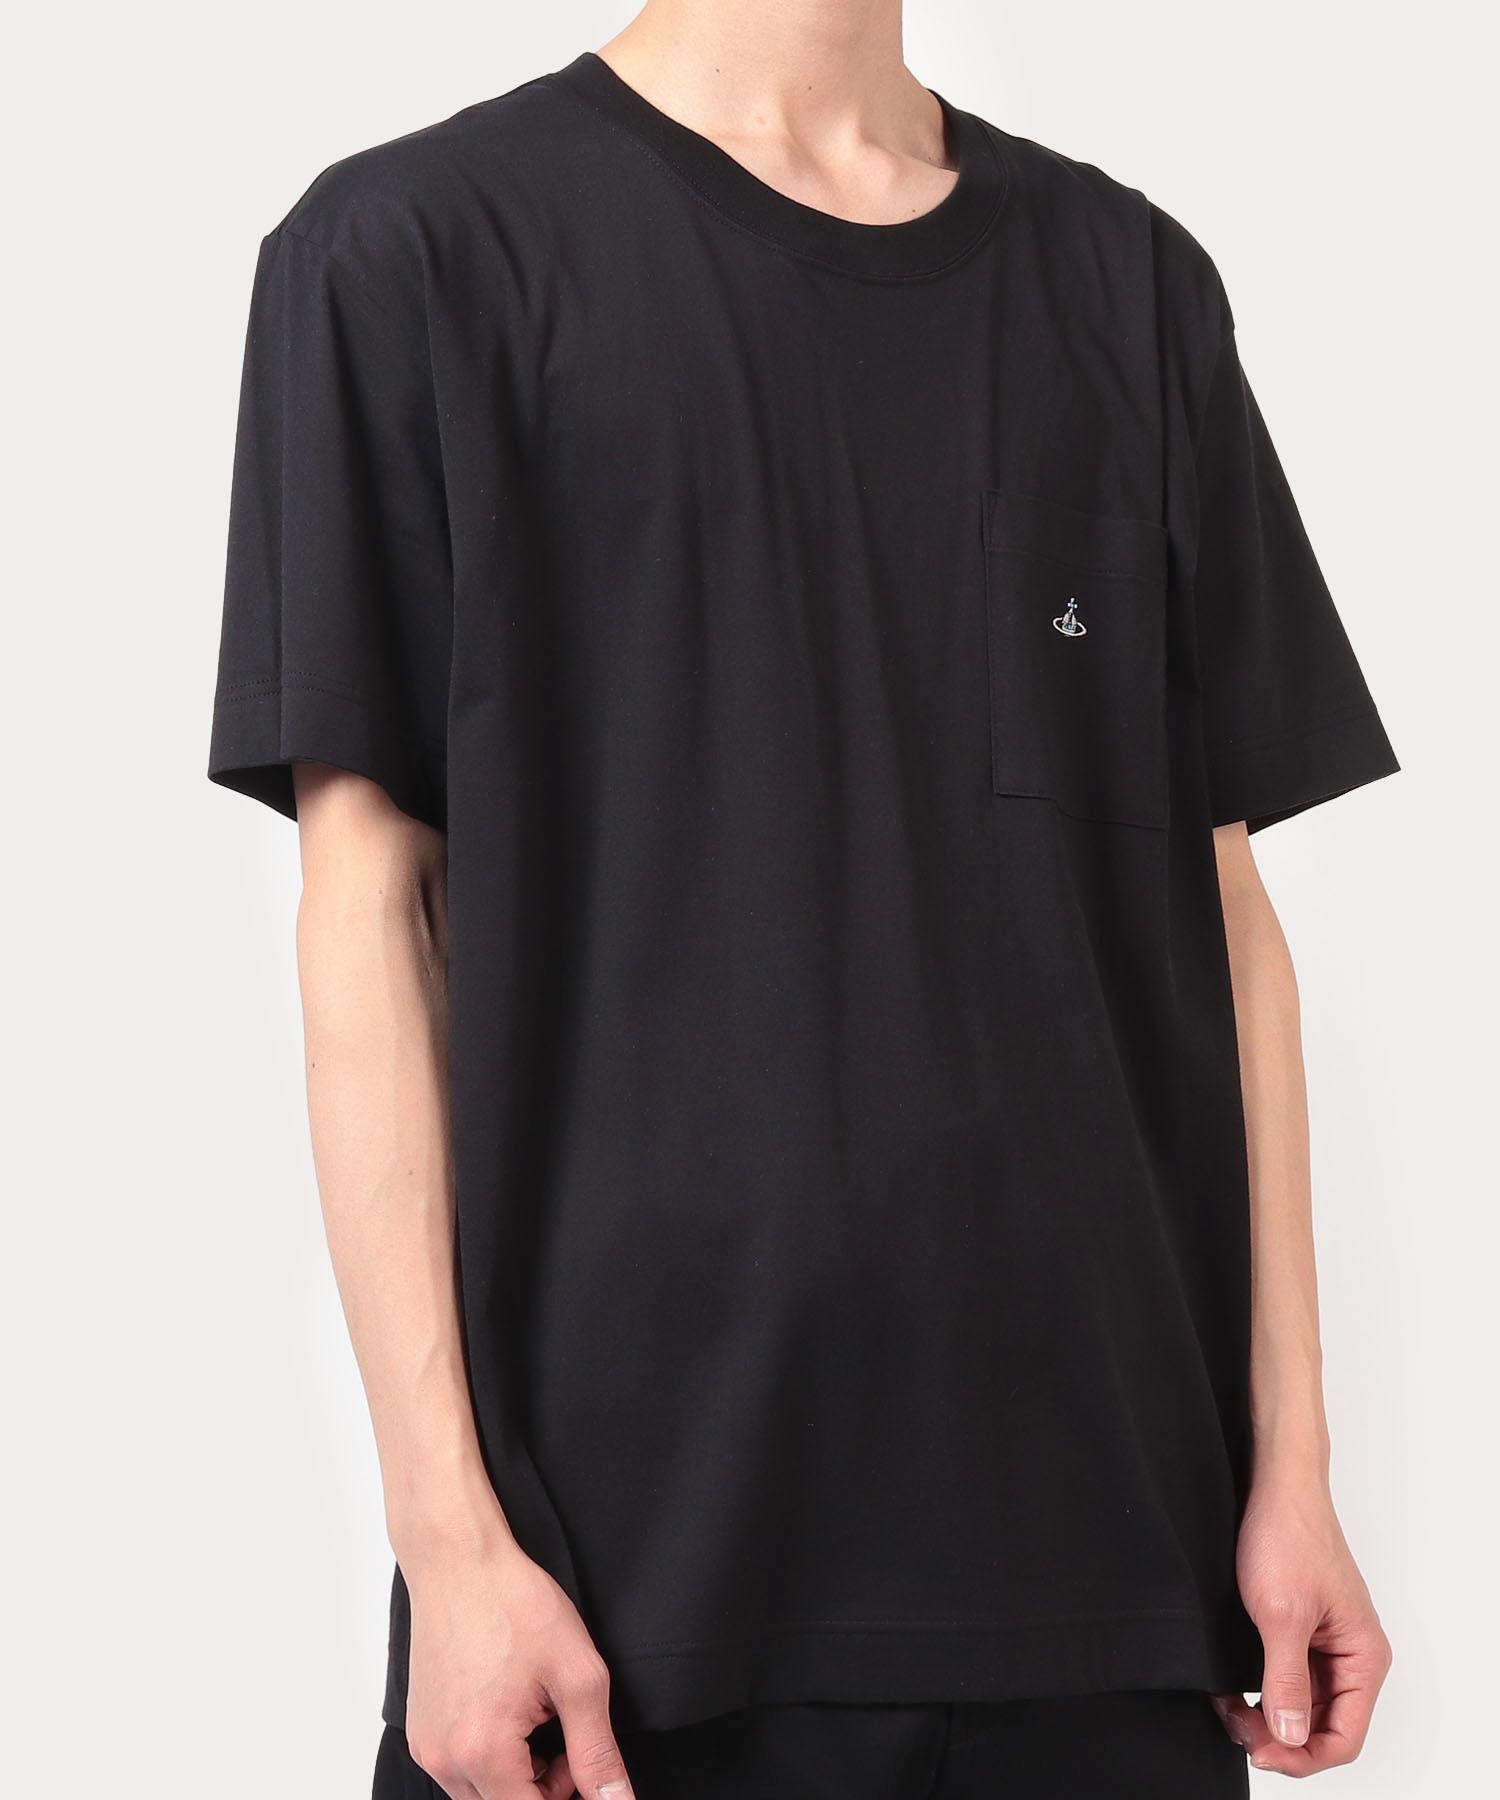 ワンポイントORB リラックスポケットTシャツ